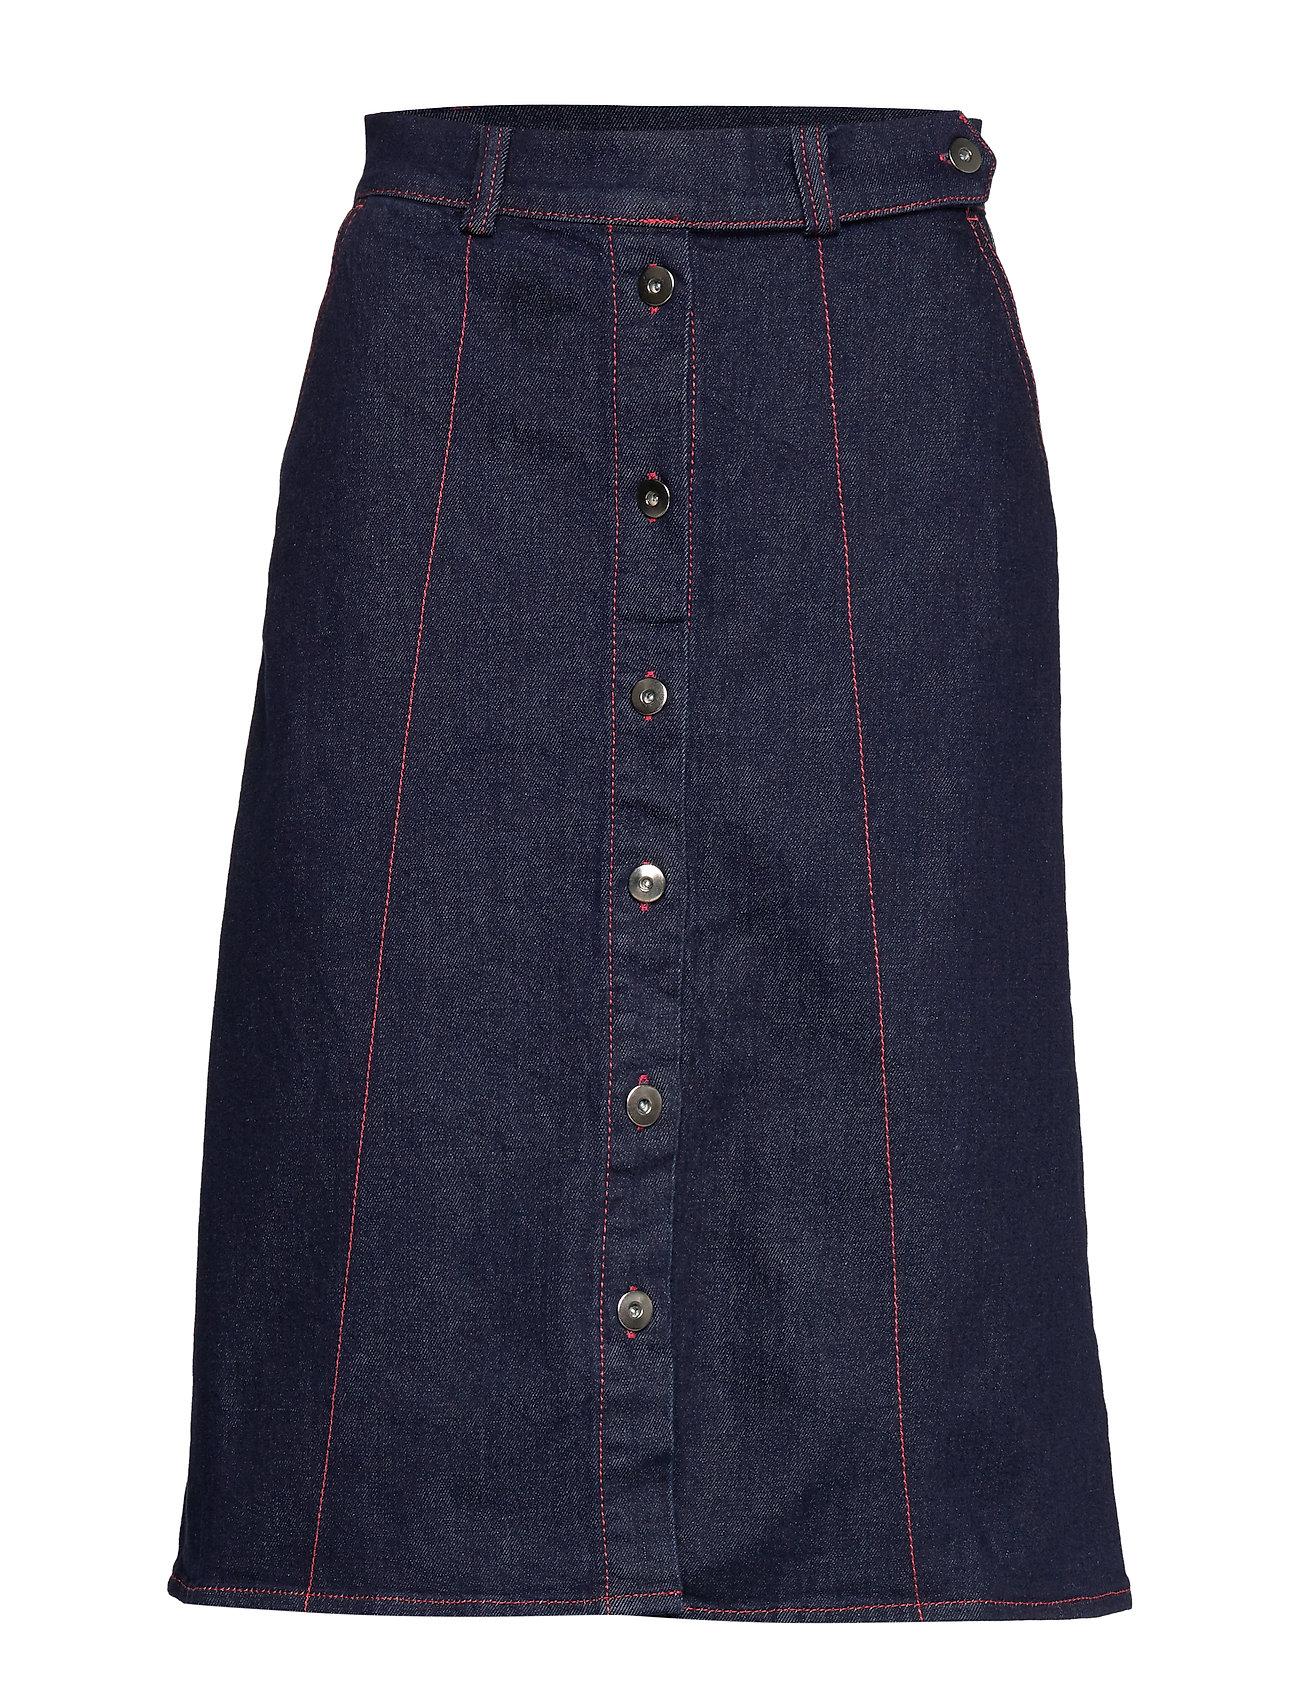 Soaked in Luxury SL Zadie Skirt - DARK BLUE DENIM